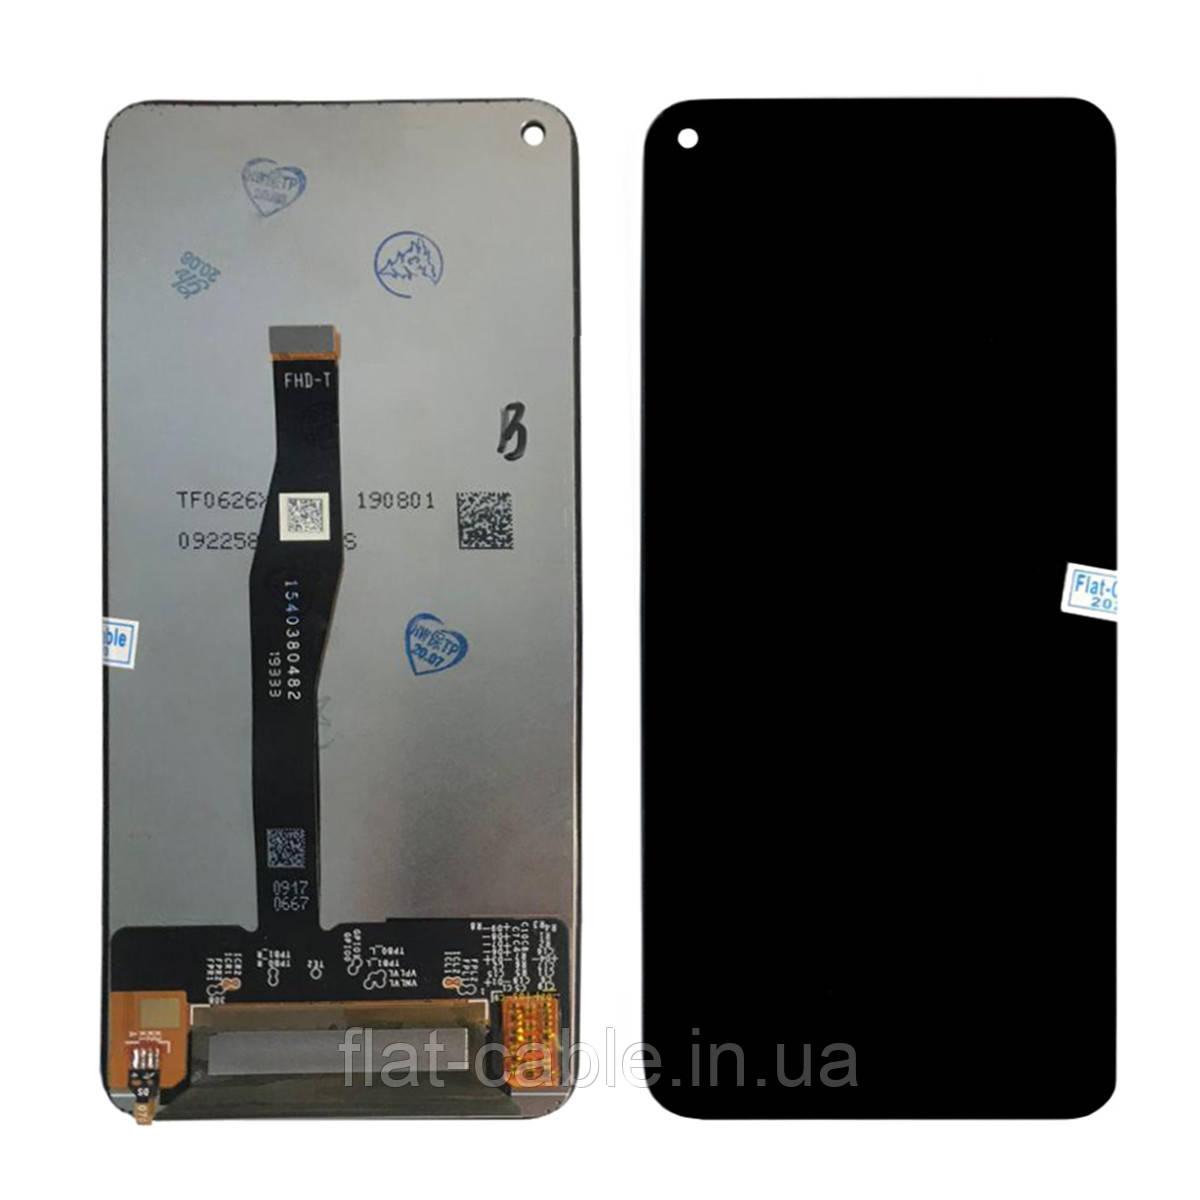 Дисплей + сенсор Huawei Honor 20 / Honor 20 Pro/ Nova 5T (YAL-L21) чёрный (OEMC)